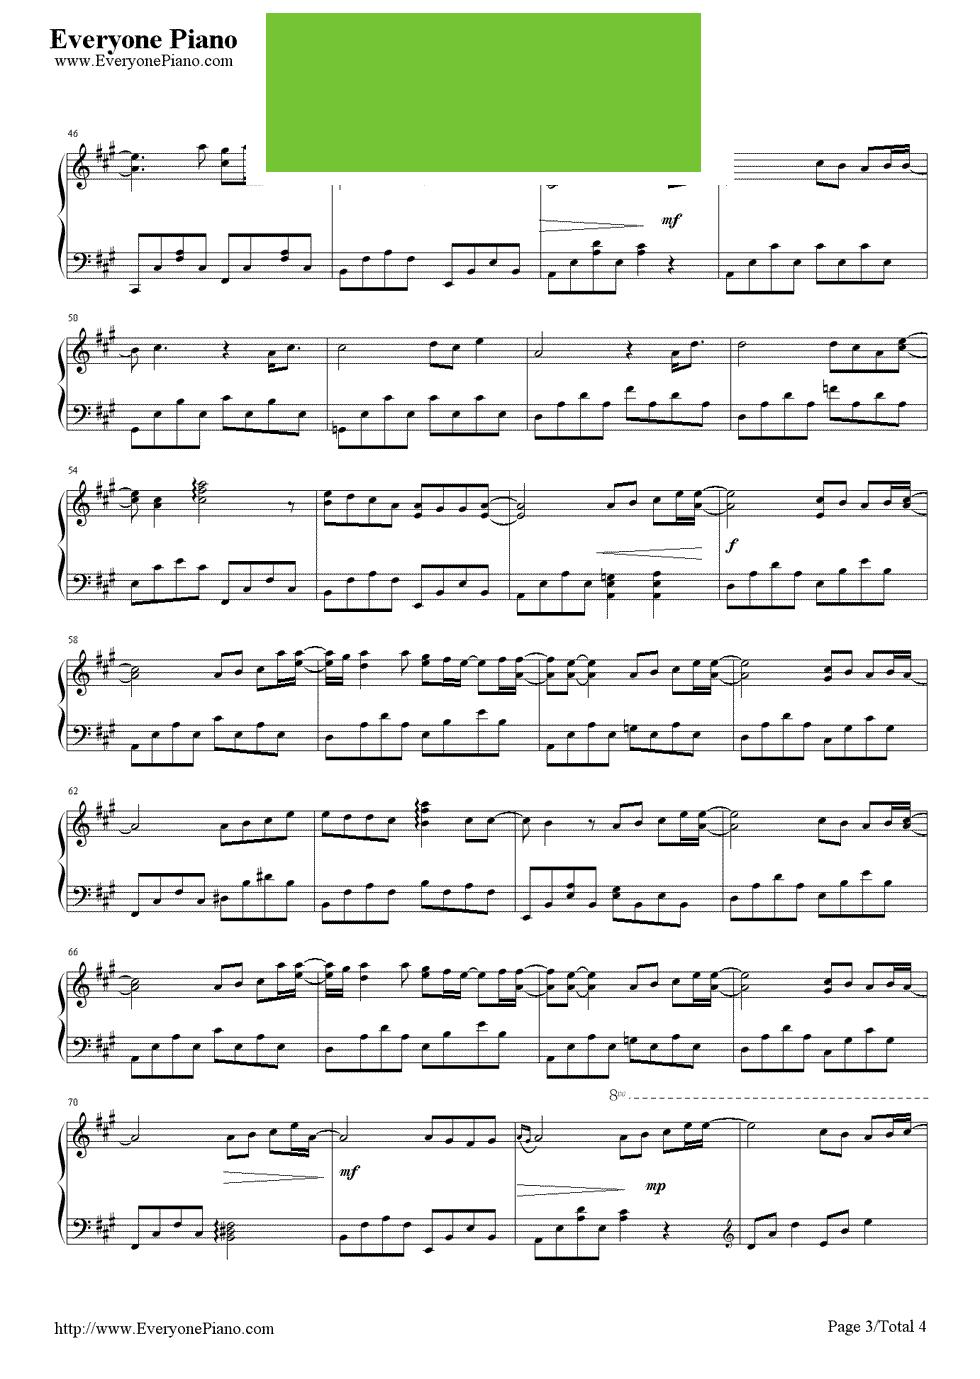 海之波钢琴曲谱子-求花海的钢琴谱,还要有指法和伴奏